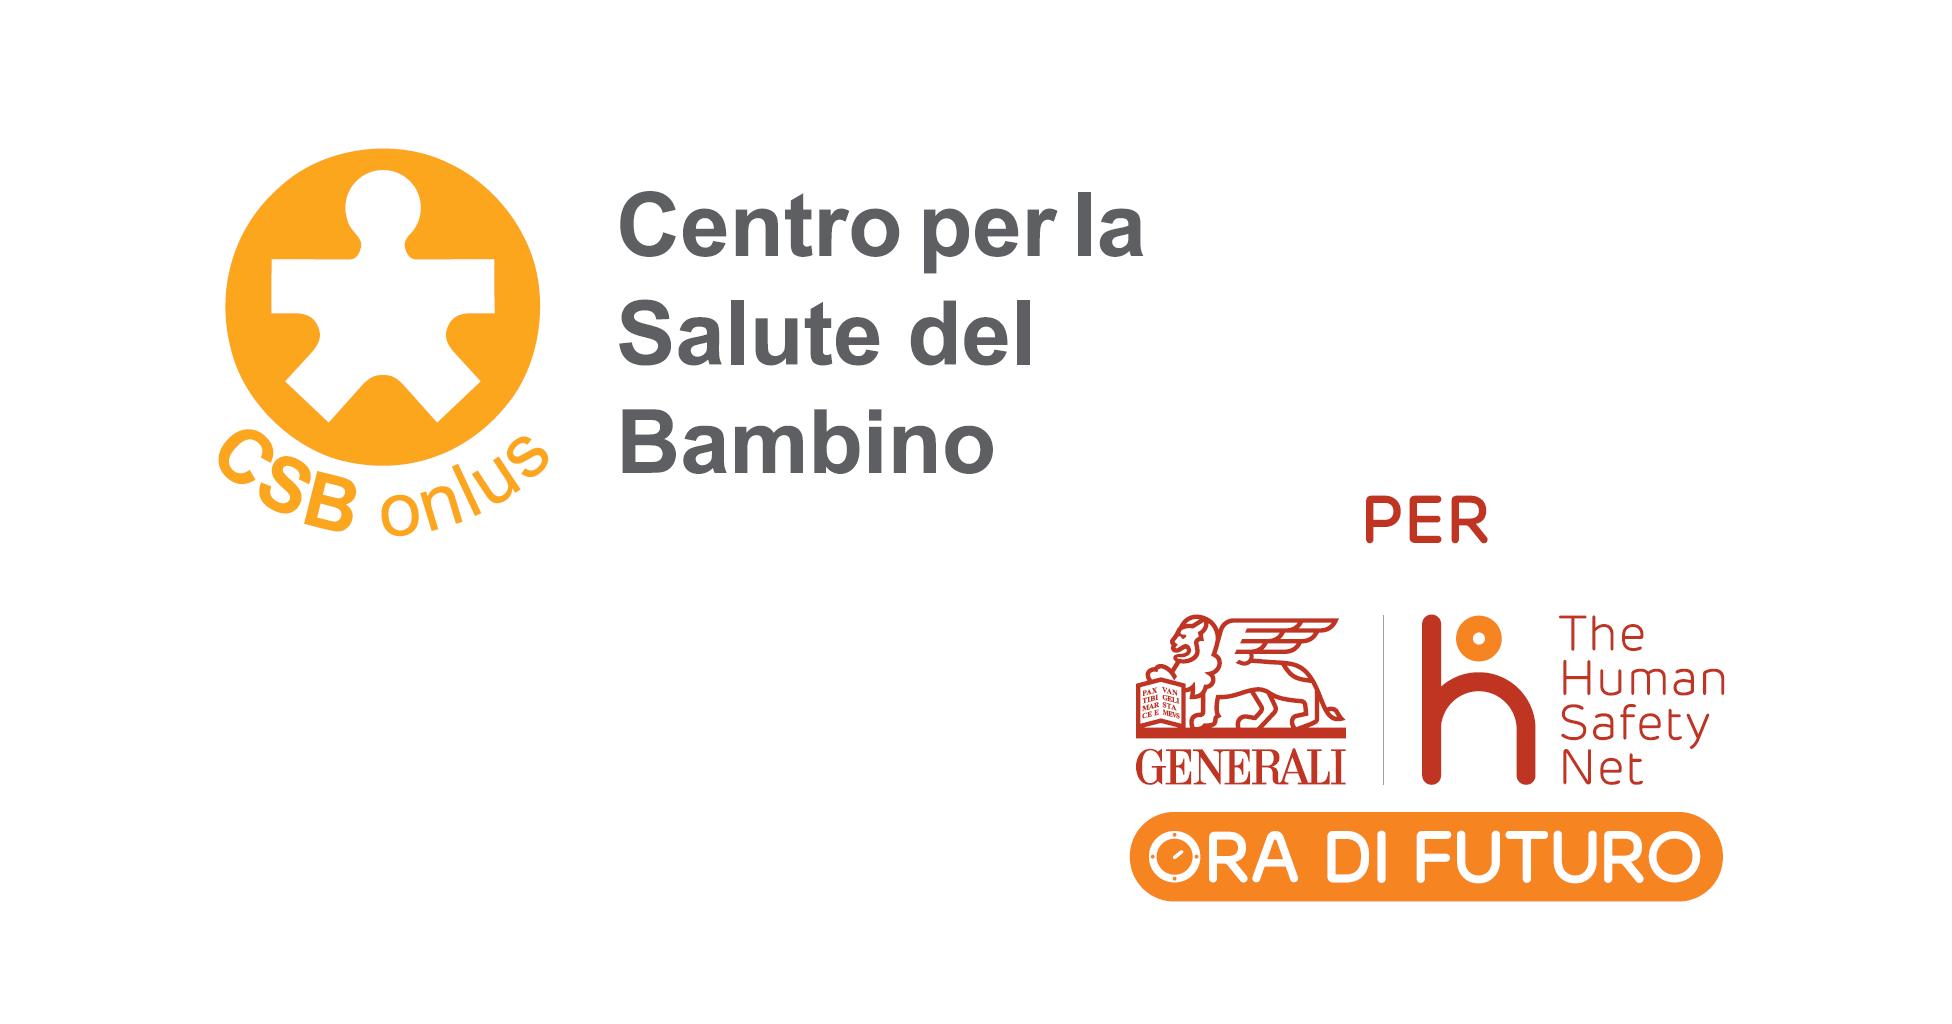 A Trieste è #ORADIFUTURO con CSB-Centro per la Salute del Bambino CSB